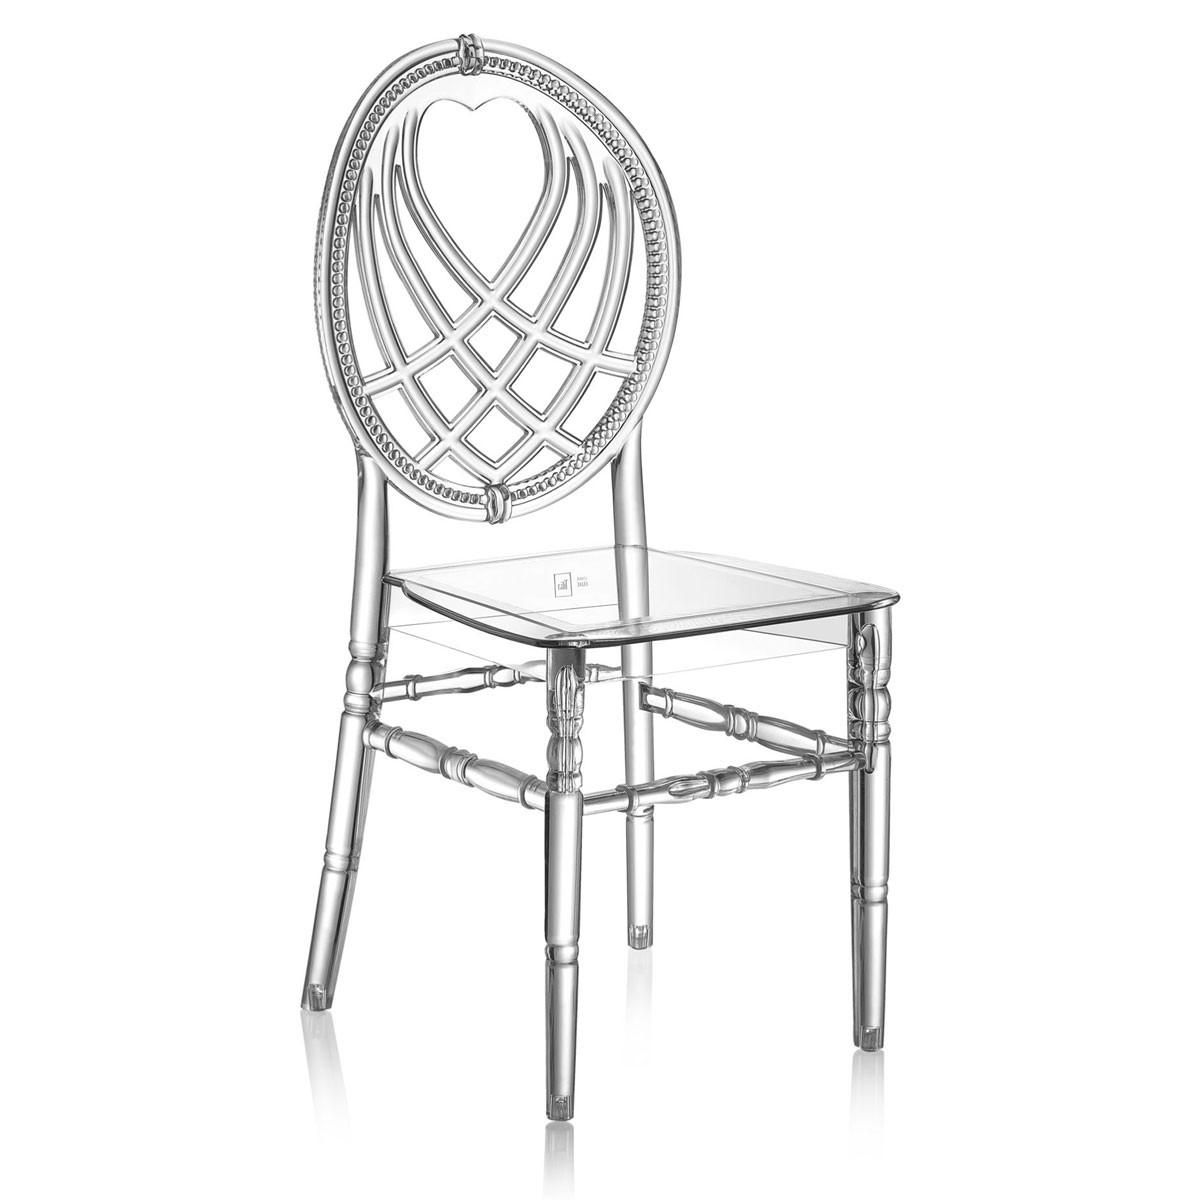 Καρέκλα για δεξιώσεις και γάμους Tilia Oxo PC Διάφανη